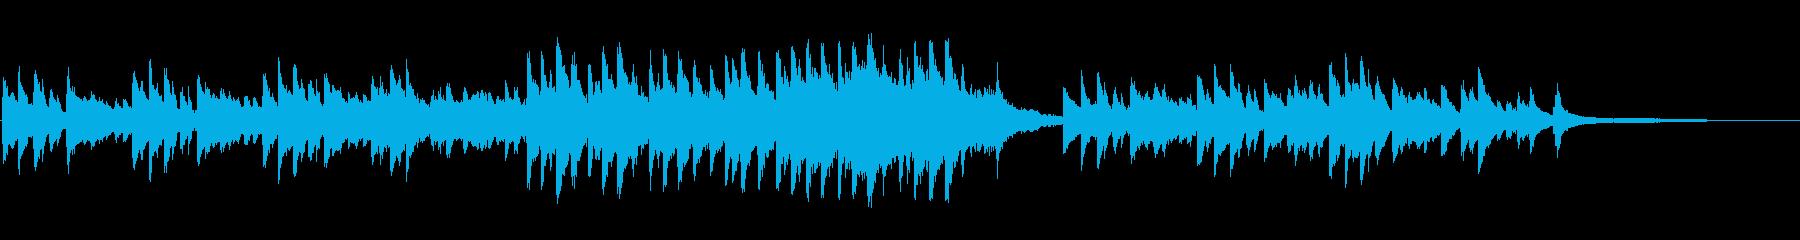 穏やかな風景のシーンに合うBGMの再生済みの波形